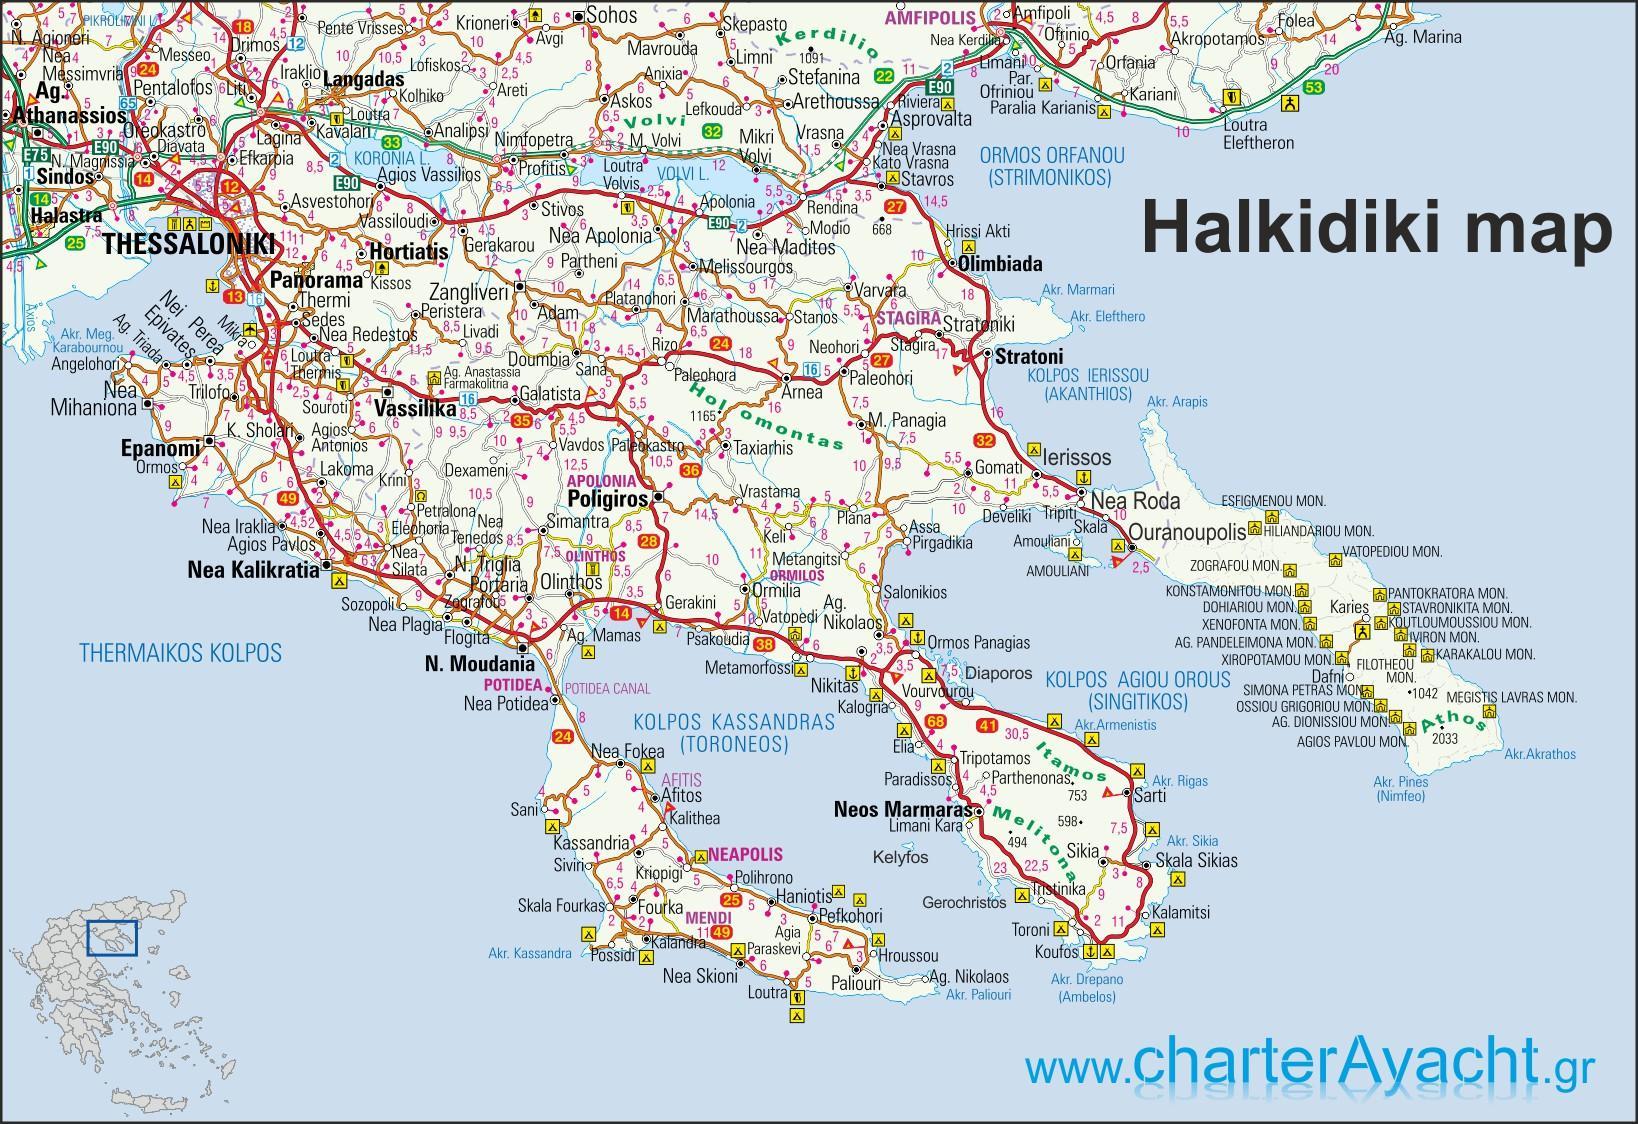 hellas kart Halkidiki, Hellas kart   Kart over Hellas Halkidiki (Sør Europa  hellas kart